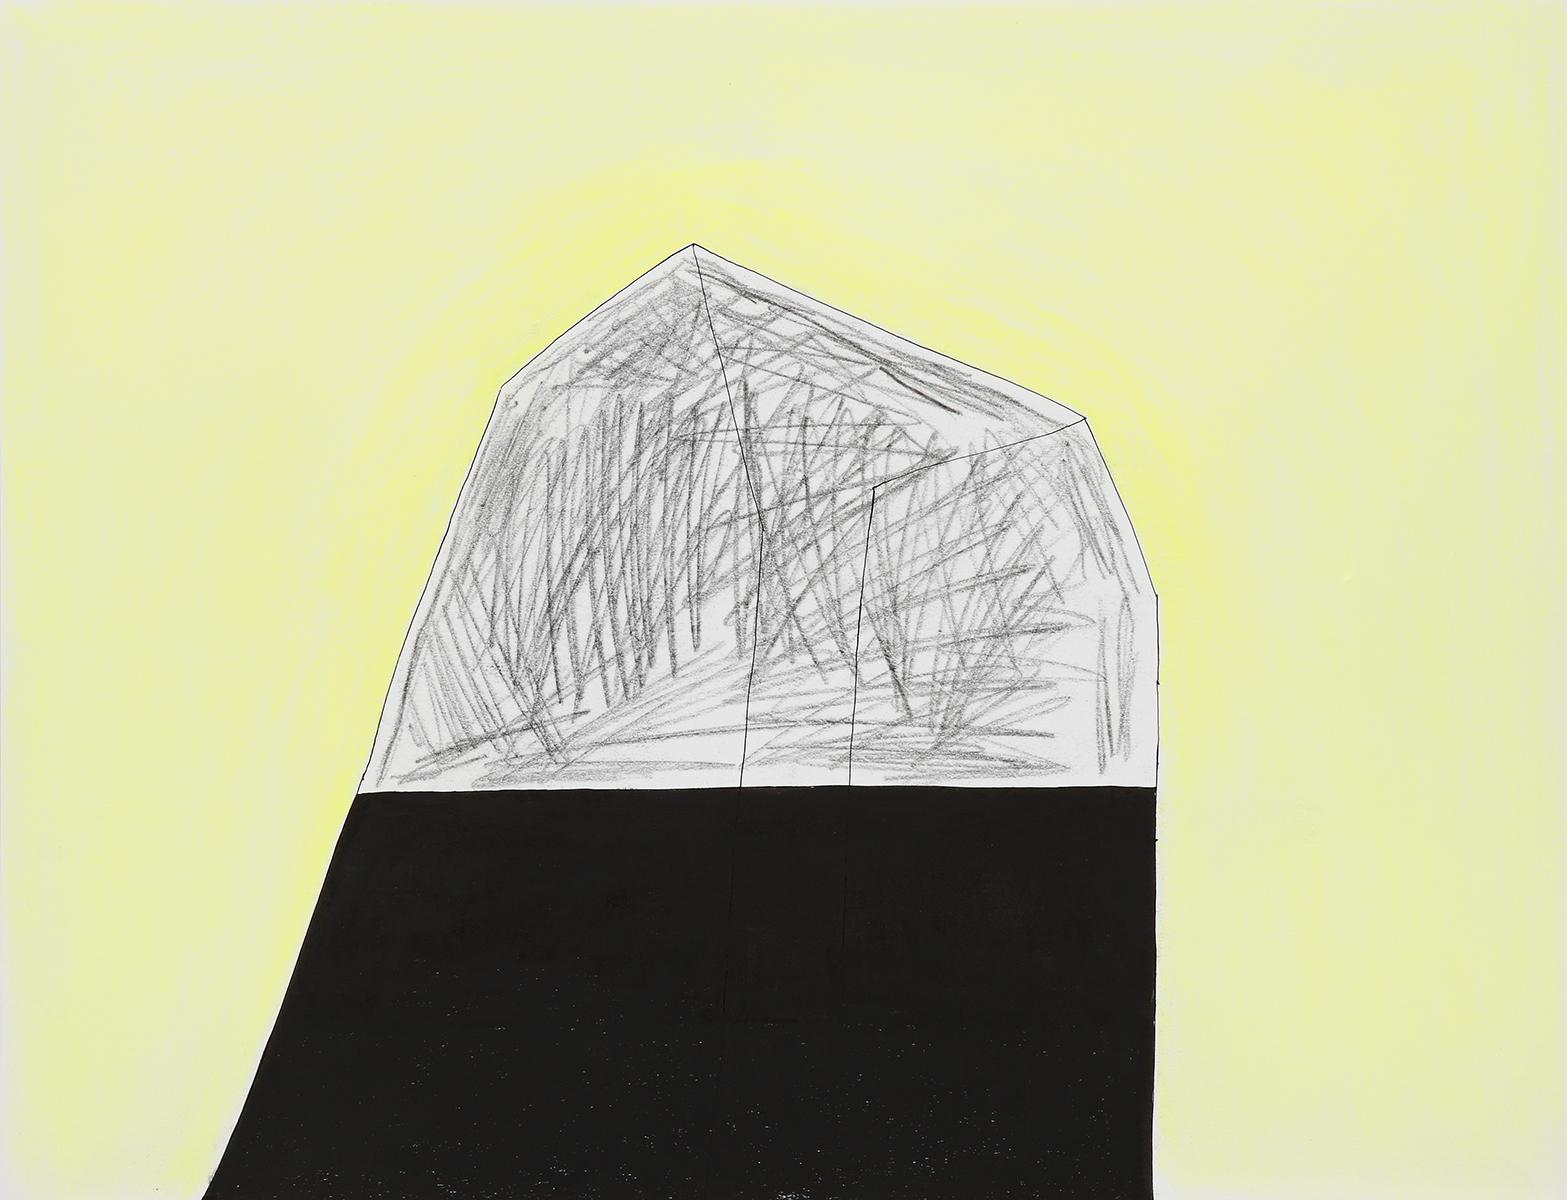 Huis 29 - OI inkt, pastelkrijt & houtskool - 50 x 70 cm